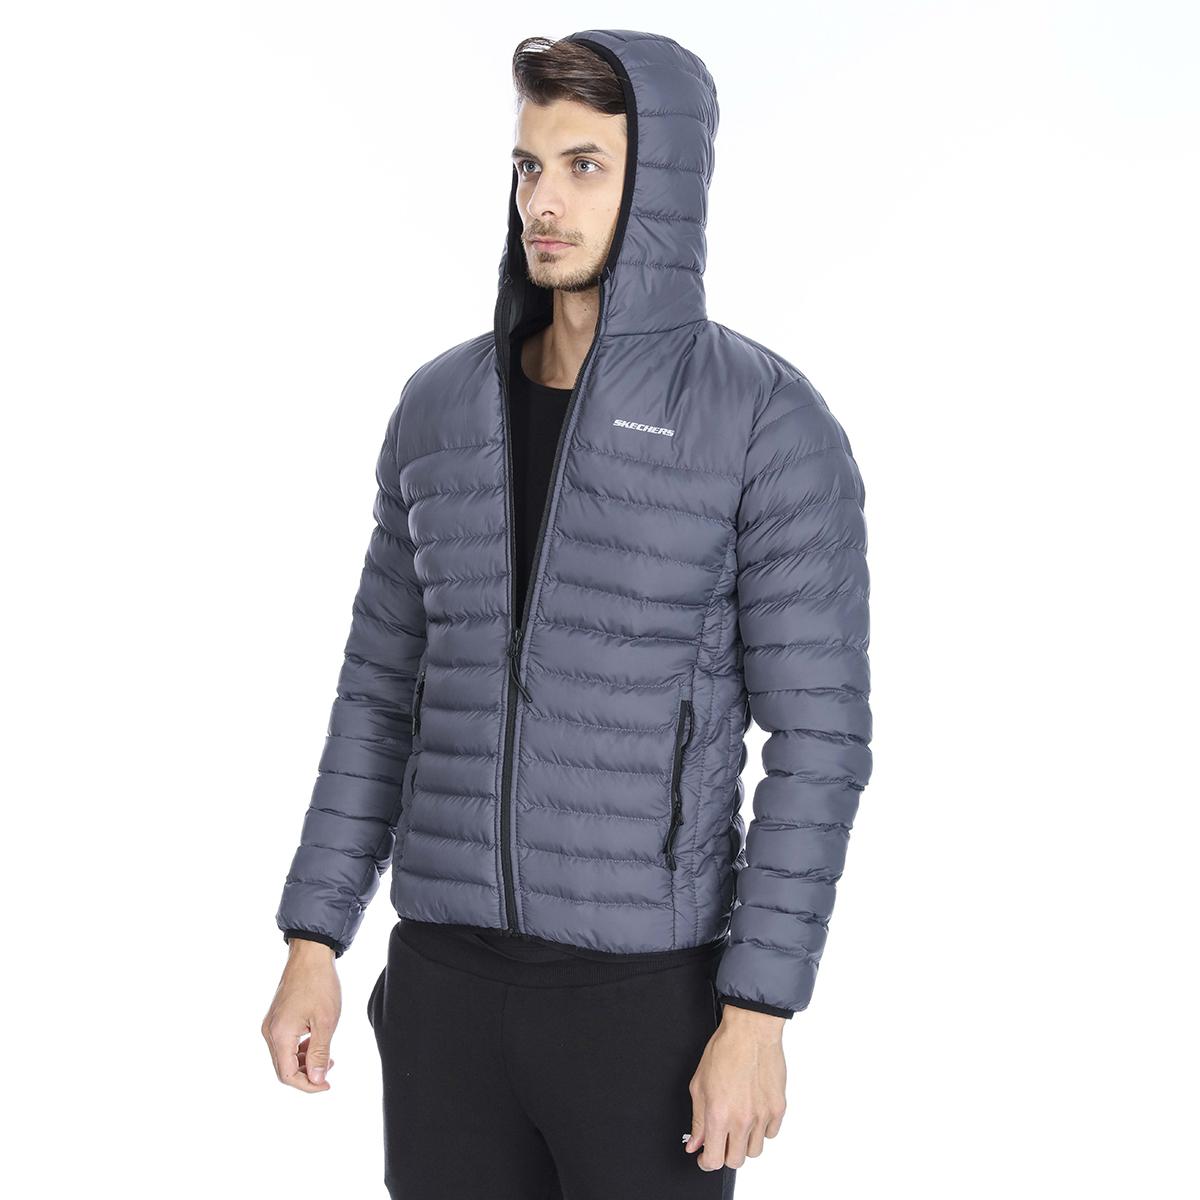 Skechers Mont Ceketler Hafif Ve Sıcak